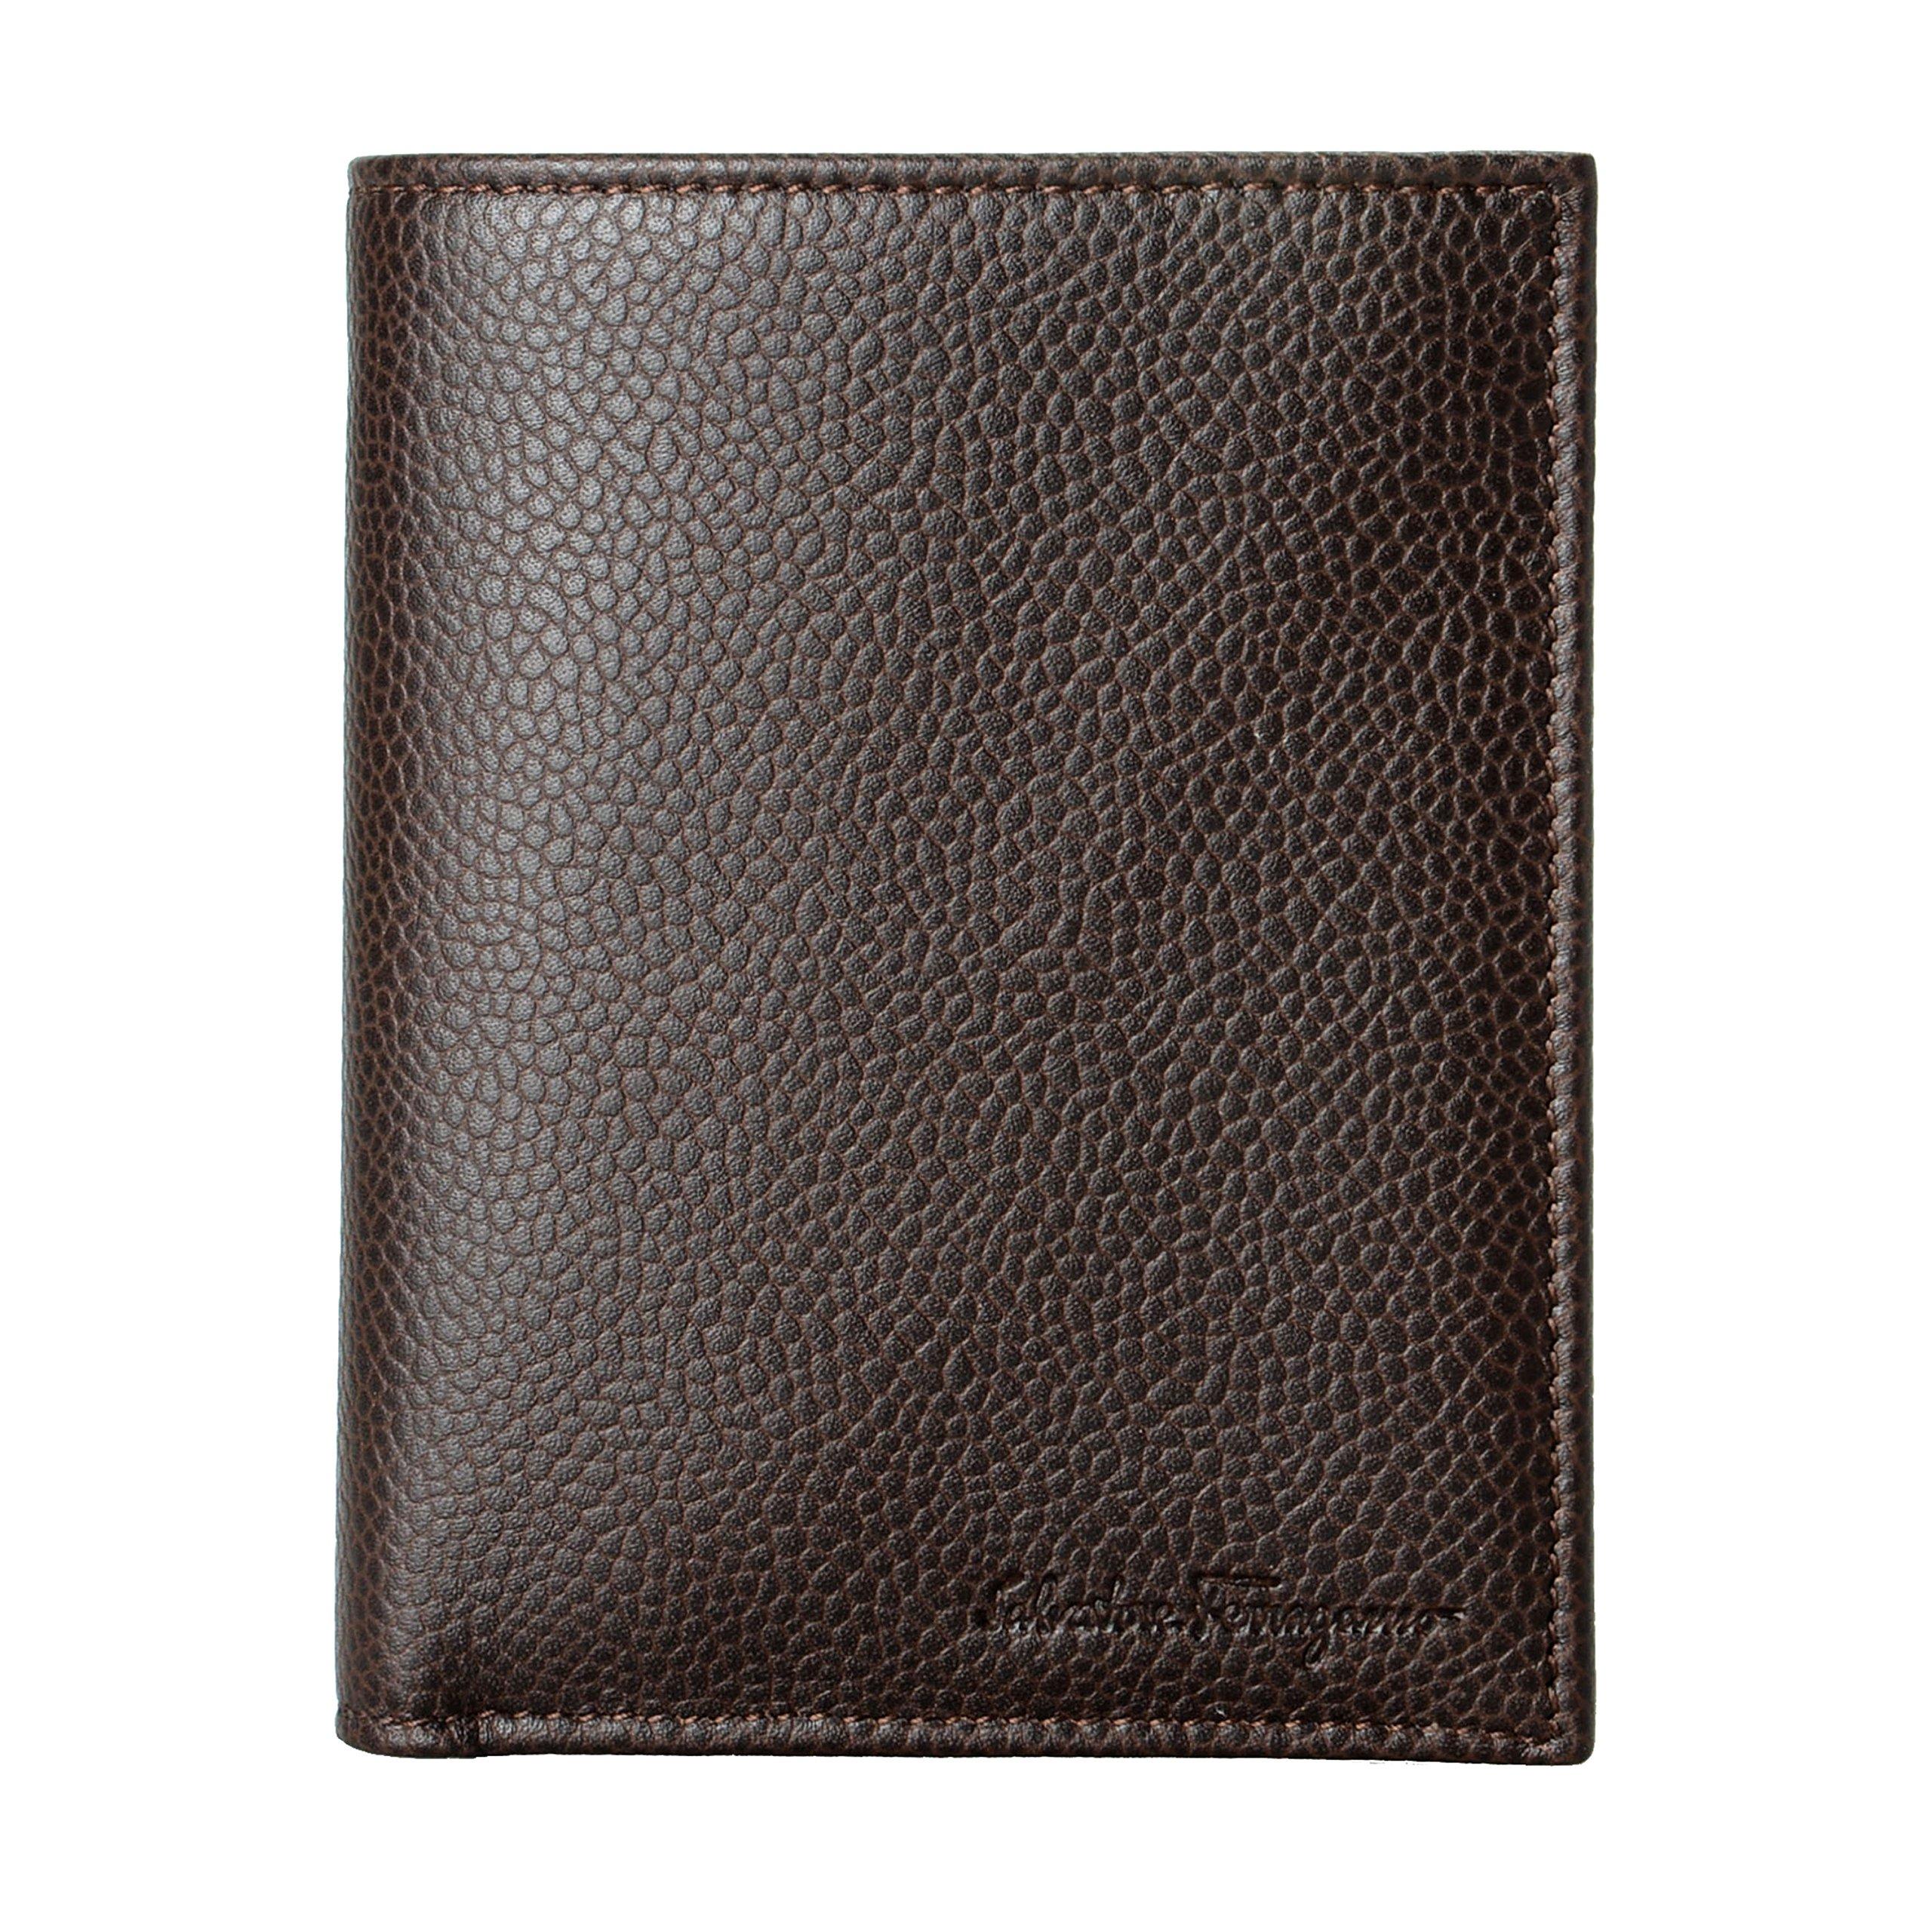 Salvatore Ferragamo Men's Deep Brown 100% Pebbled Leather Bifold Wallet